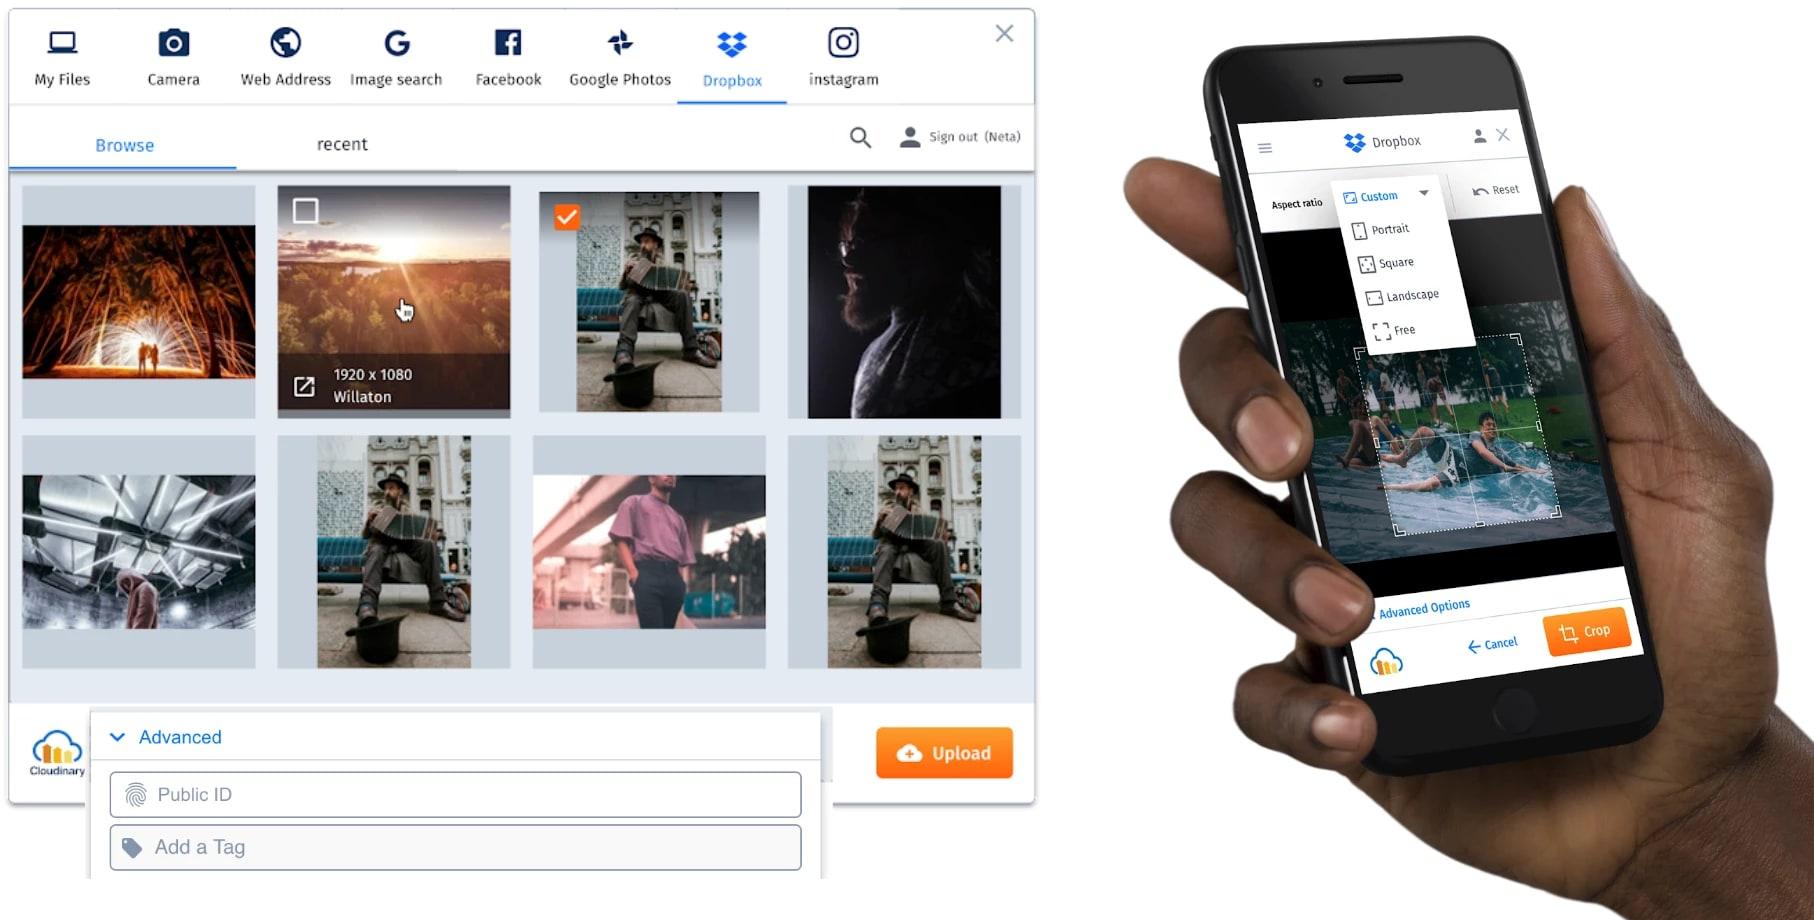 Upload Widget 2.0 live demo app